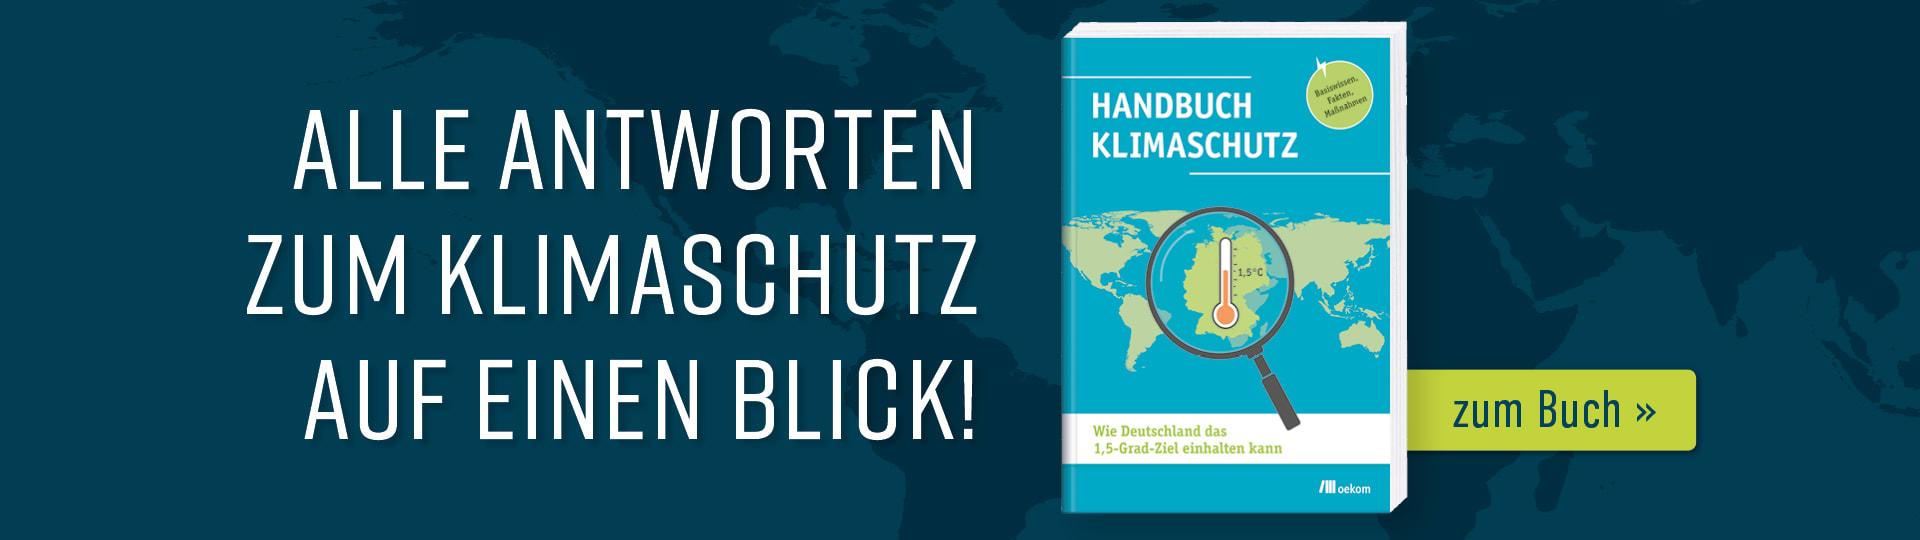 Werbebanner zum Buch »Handbuch Klimaschutz«